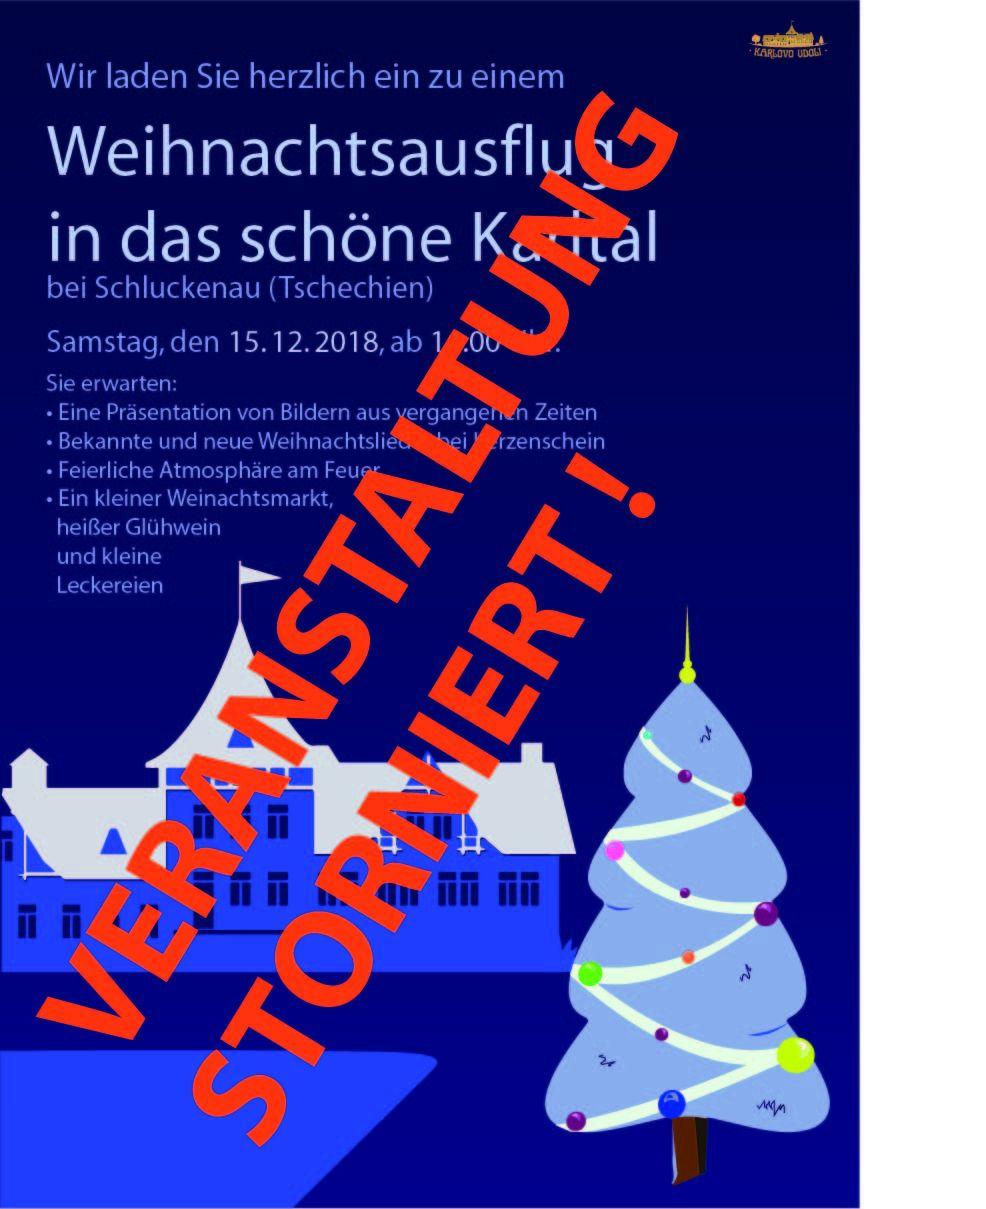 Einladung zum Weihnachtsfest